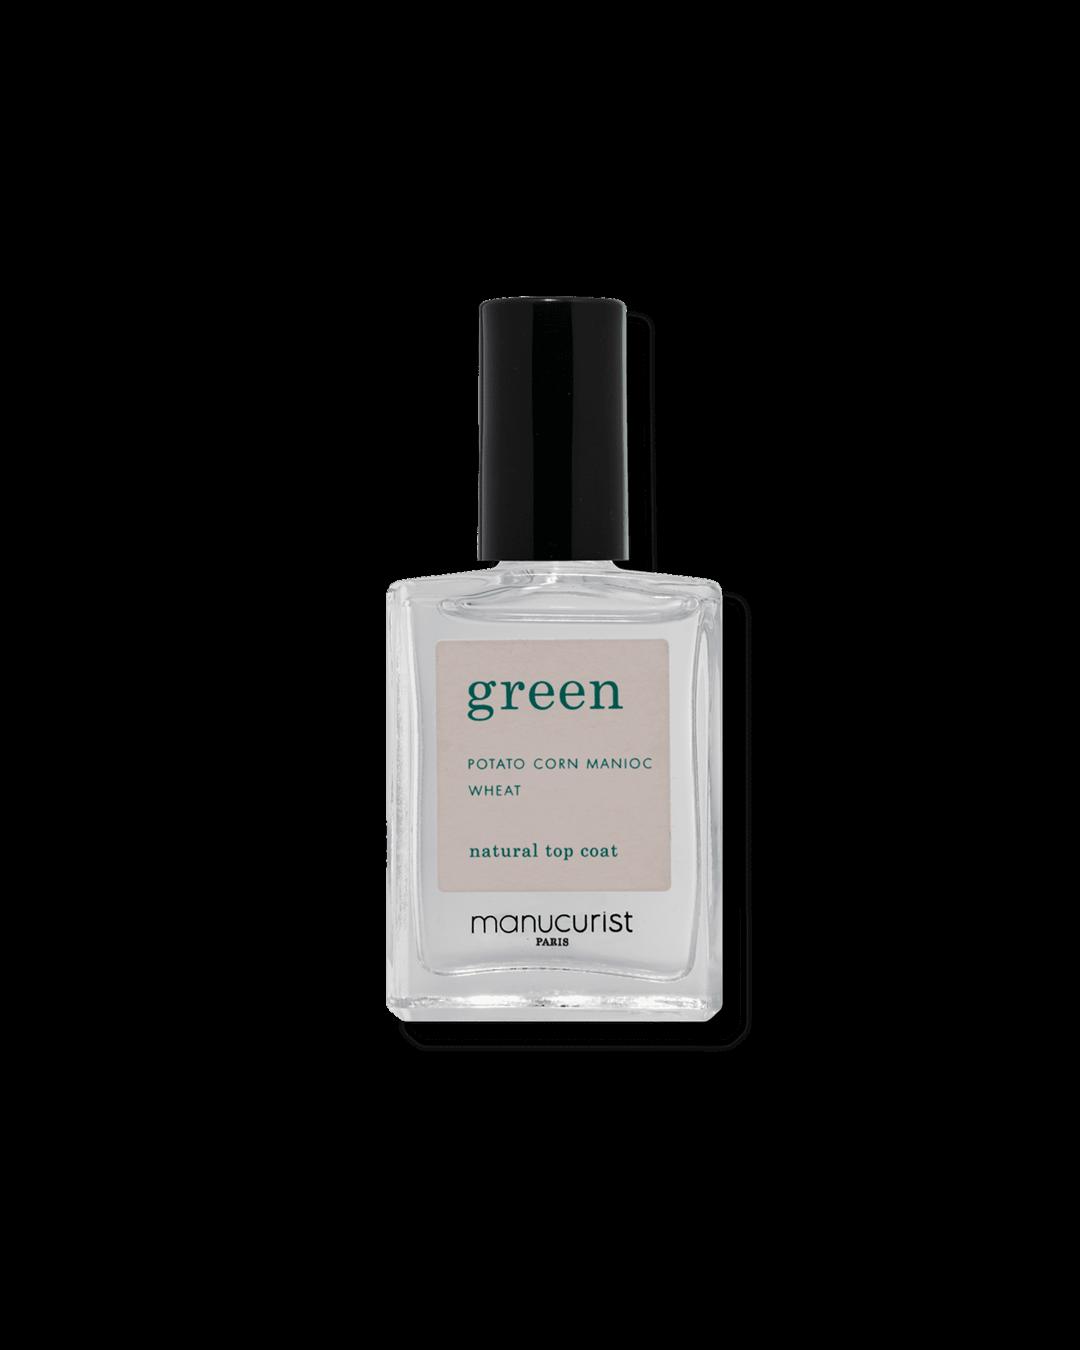 Vernis Green - Top Coat